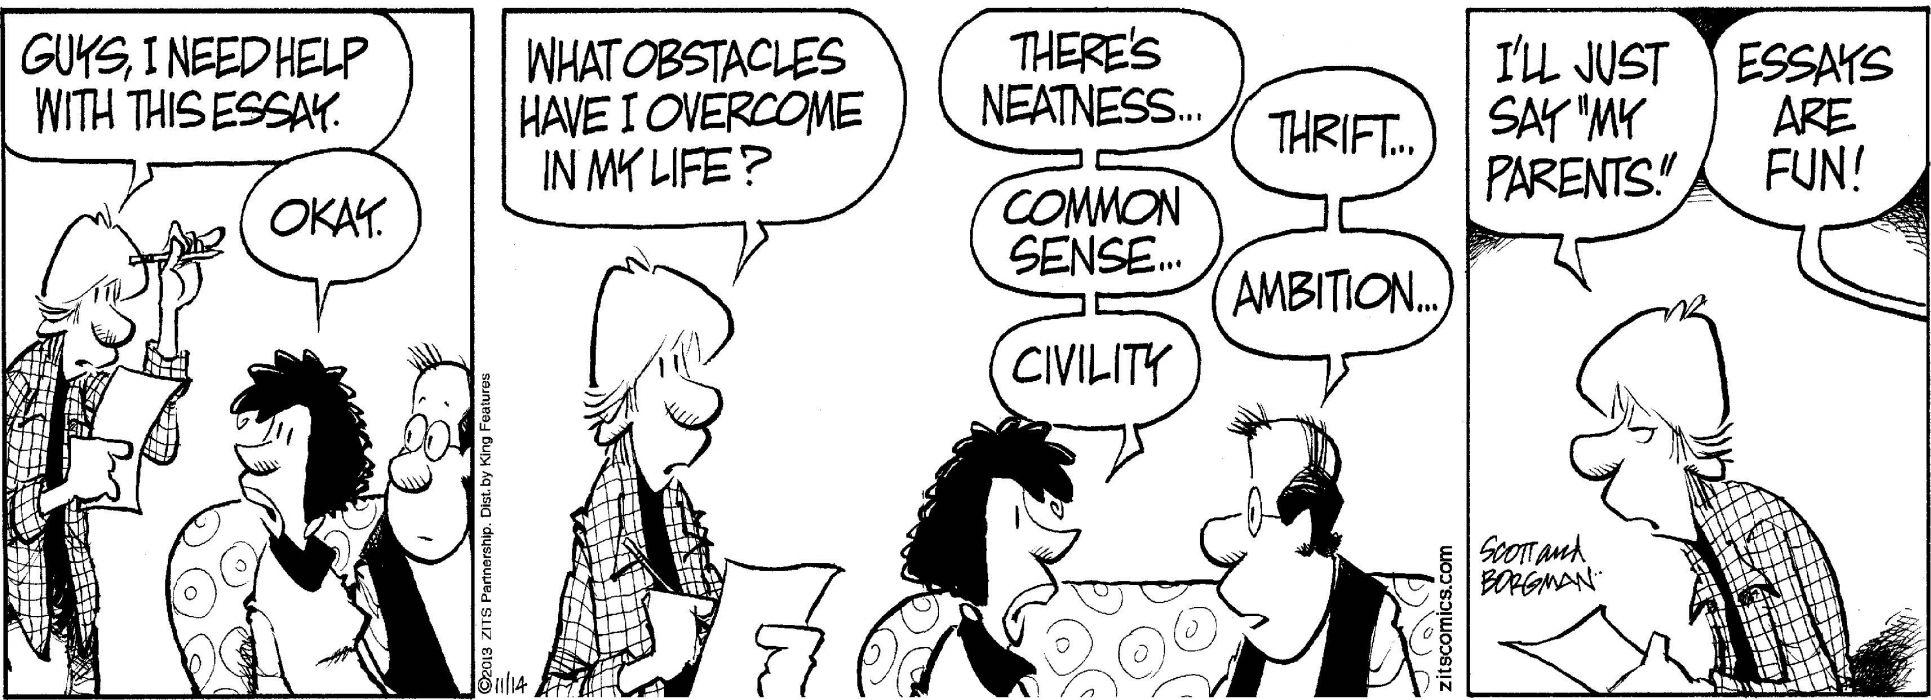 ZITS comicstrip humor funny (48) wallpaper